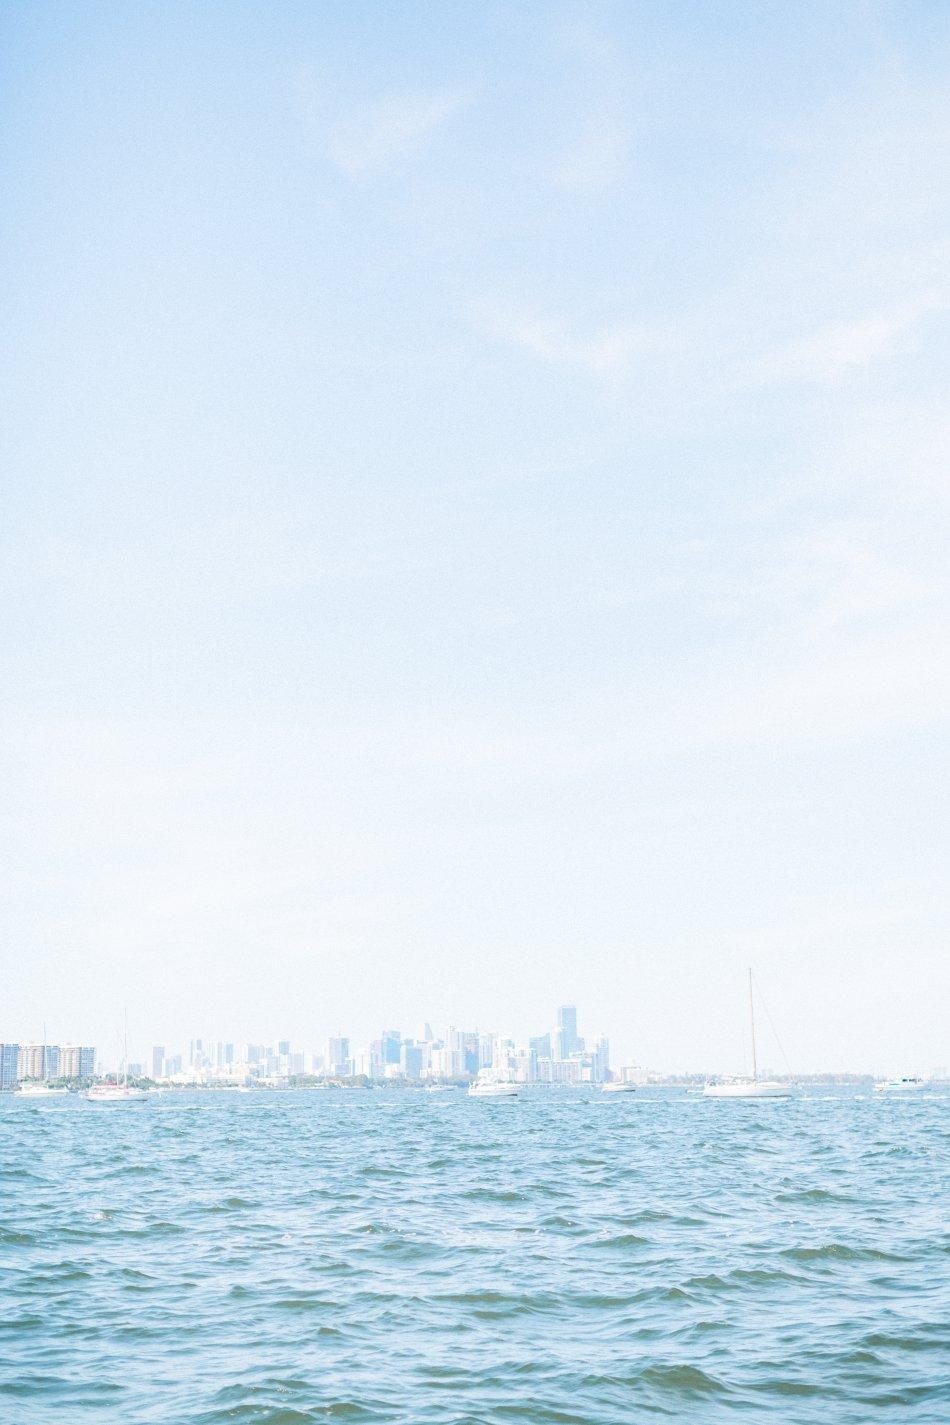 naples-luxury-sailing-engagement-photography-nautical-sailboat-engagement_1057.jpg